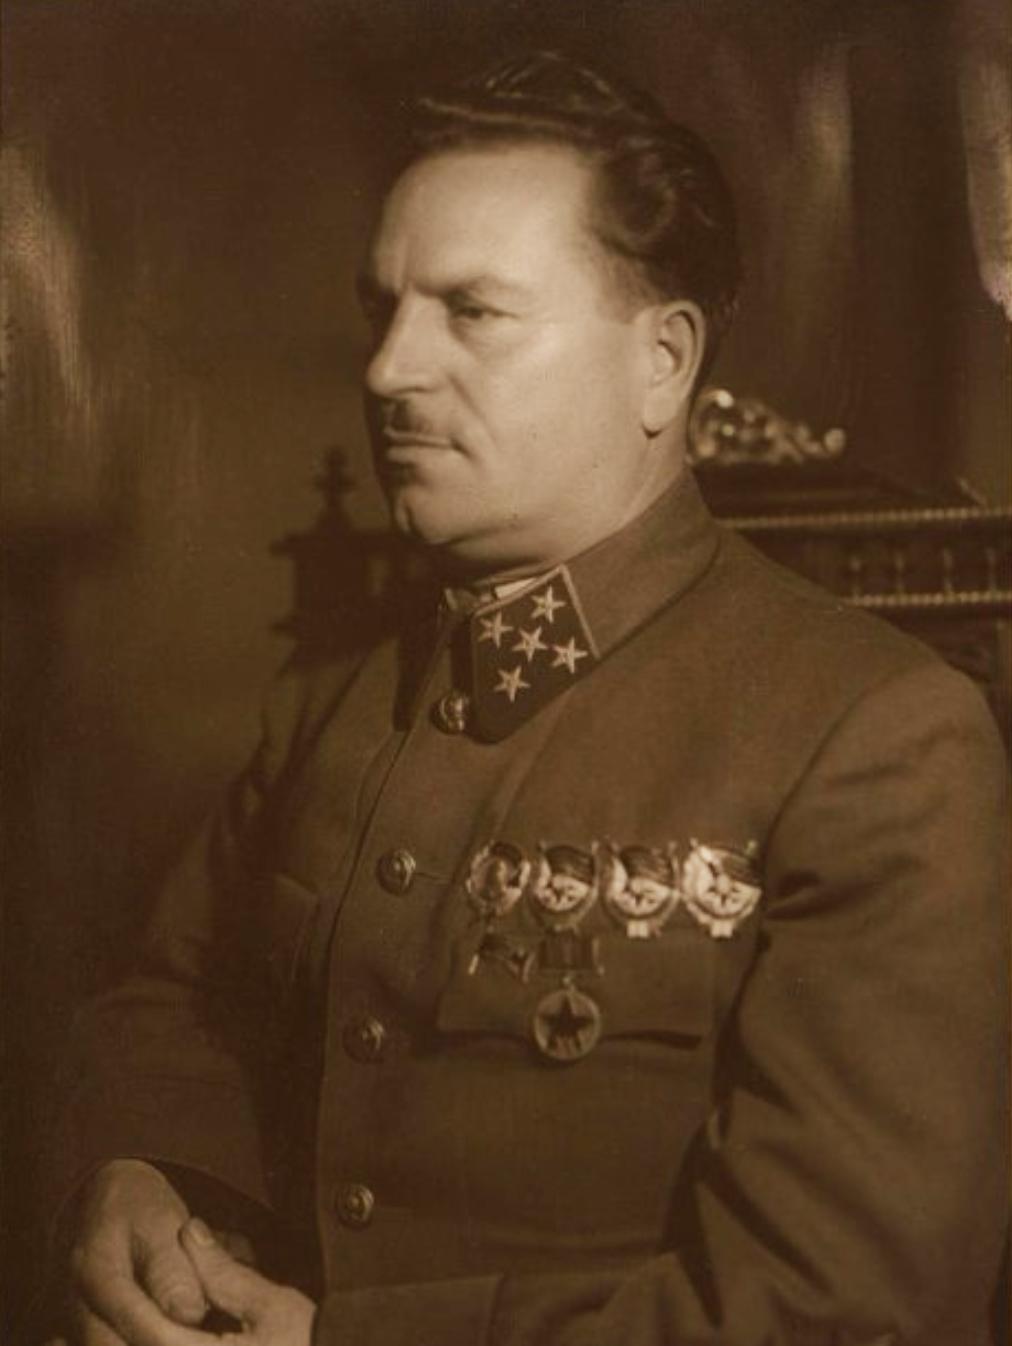 Тюленев Иван Владимирович, генерал армии. Наппельбаум Моисей Соломонович. 1940 г.(?)